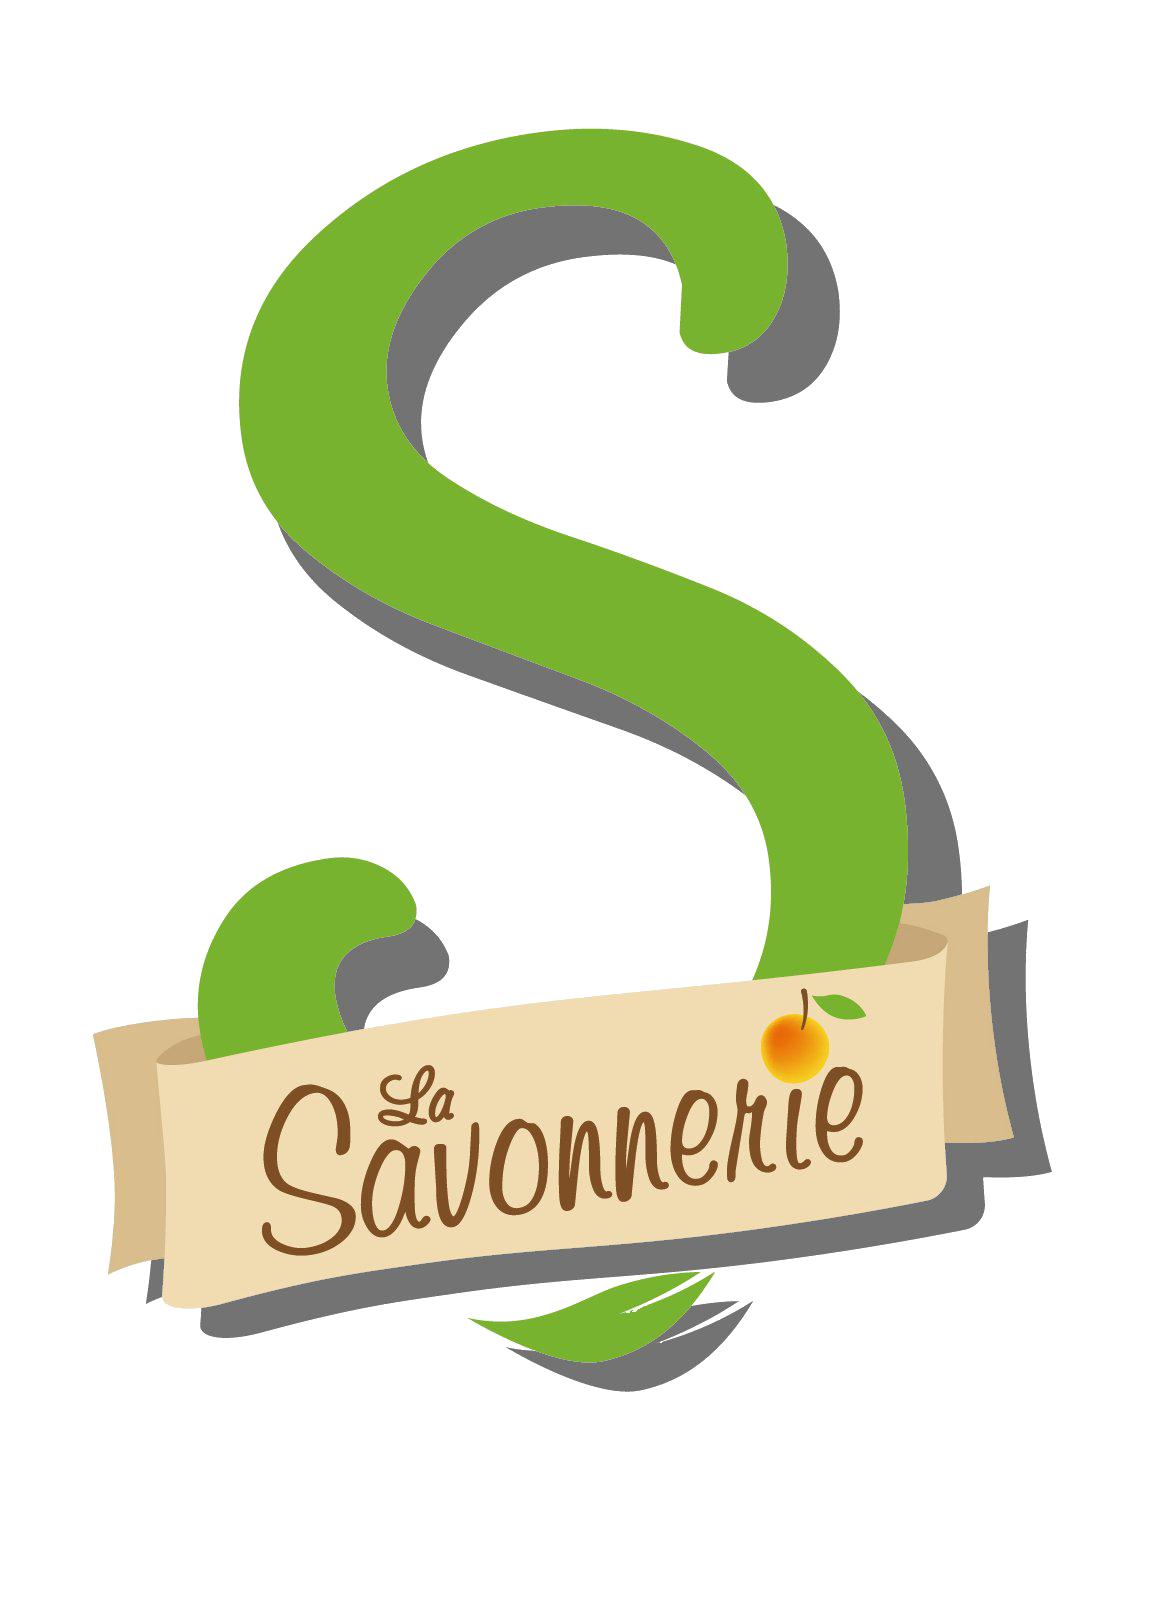 Logo la savonnerie avec ombrage